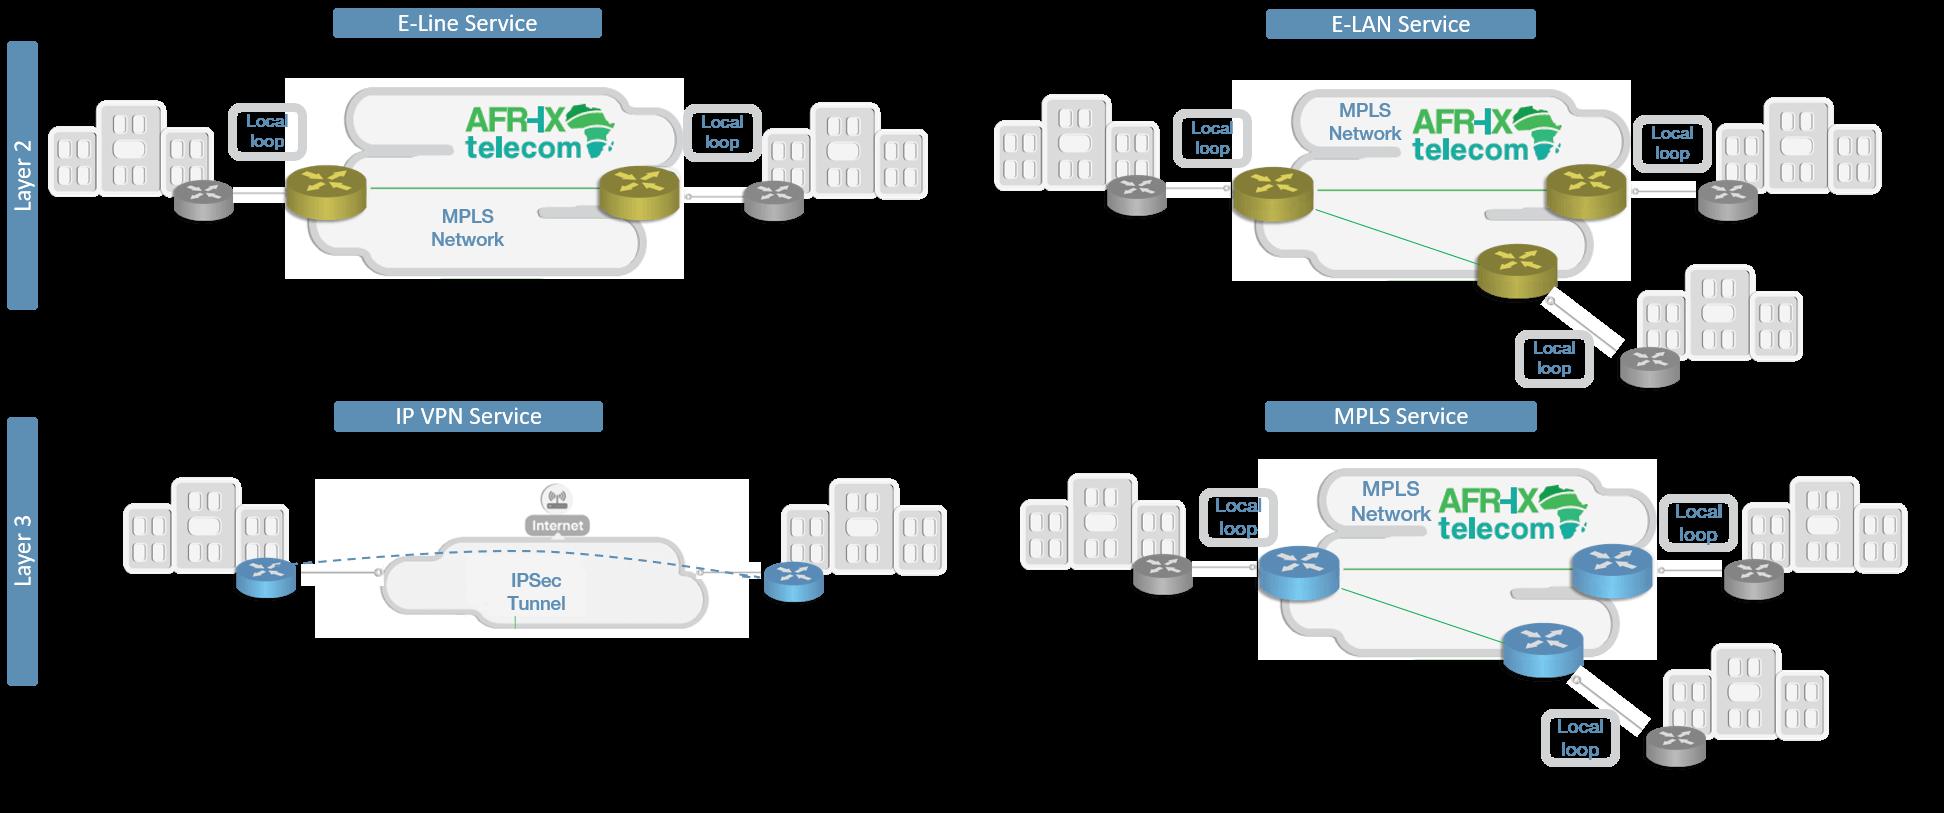 L2&L3 diagram